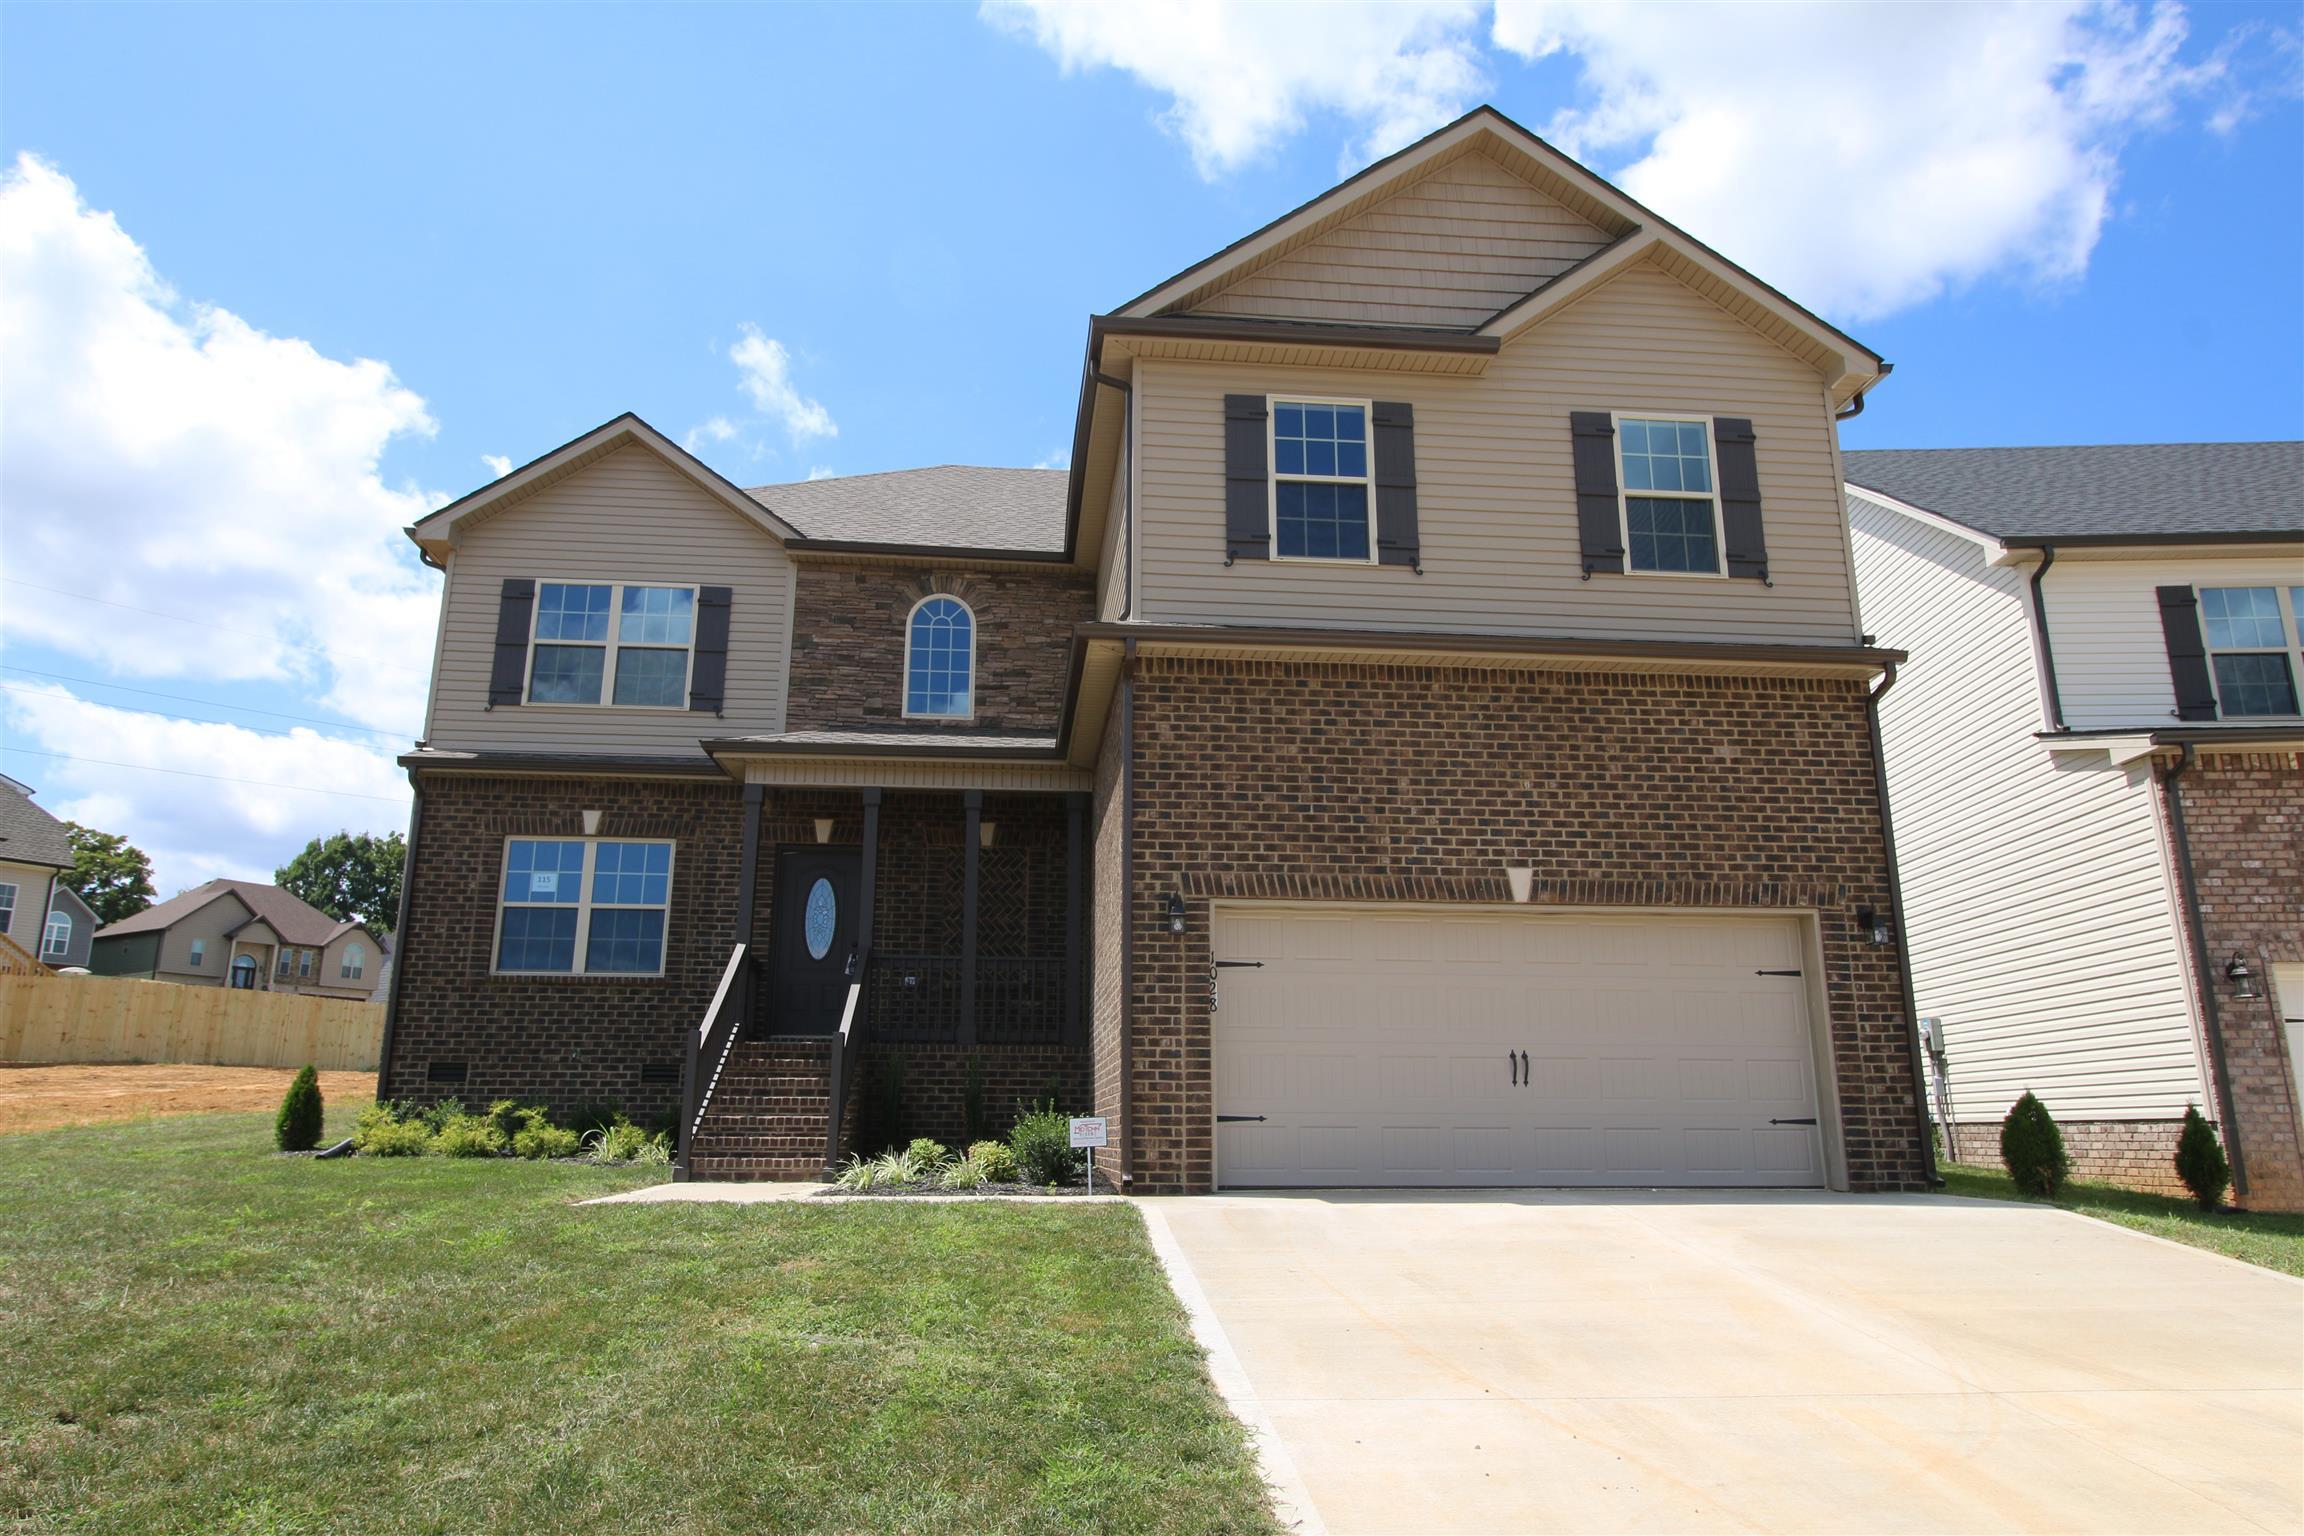 115 Griffey Estates, Clarksville, TN 37042 - Clarksville, TN real estate listing